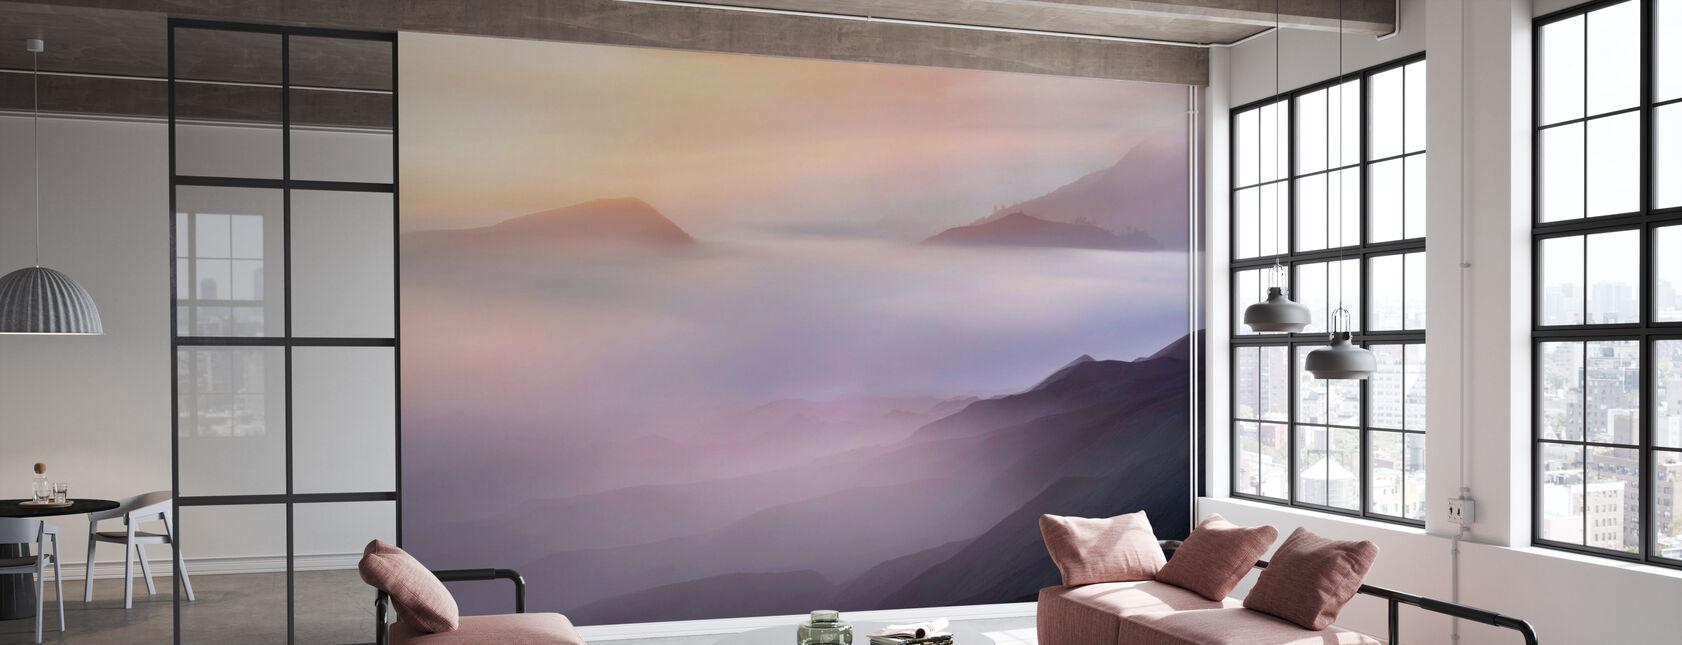 Vanilla - Wallpaper - Office